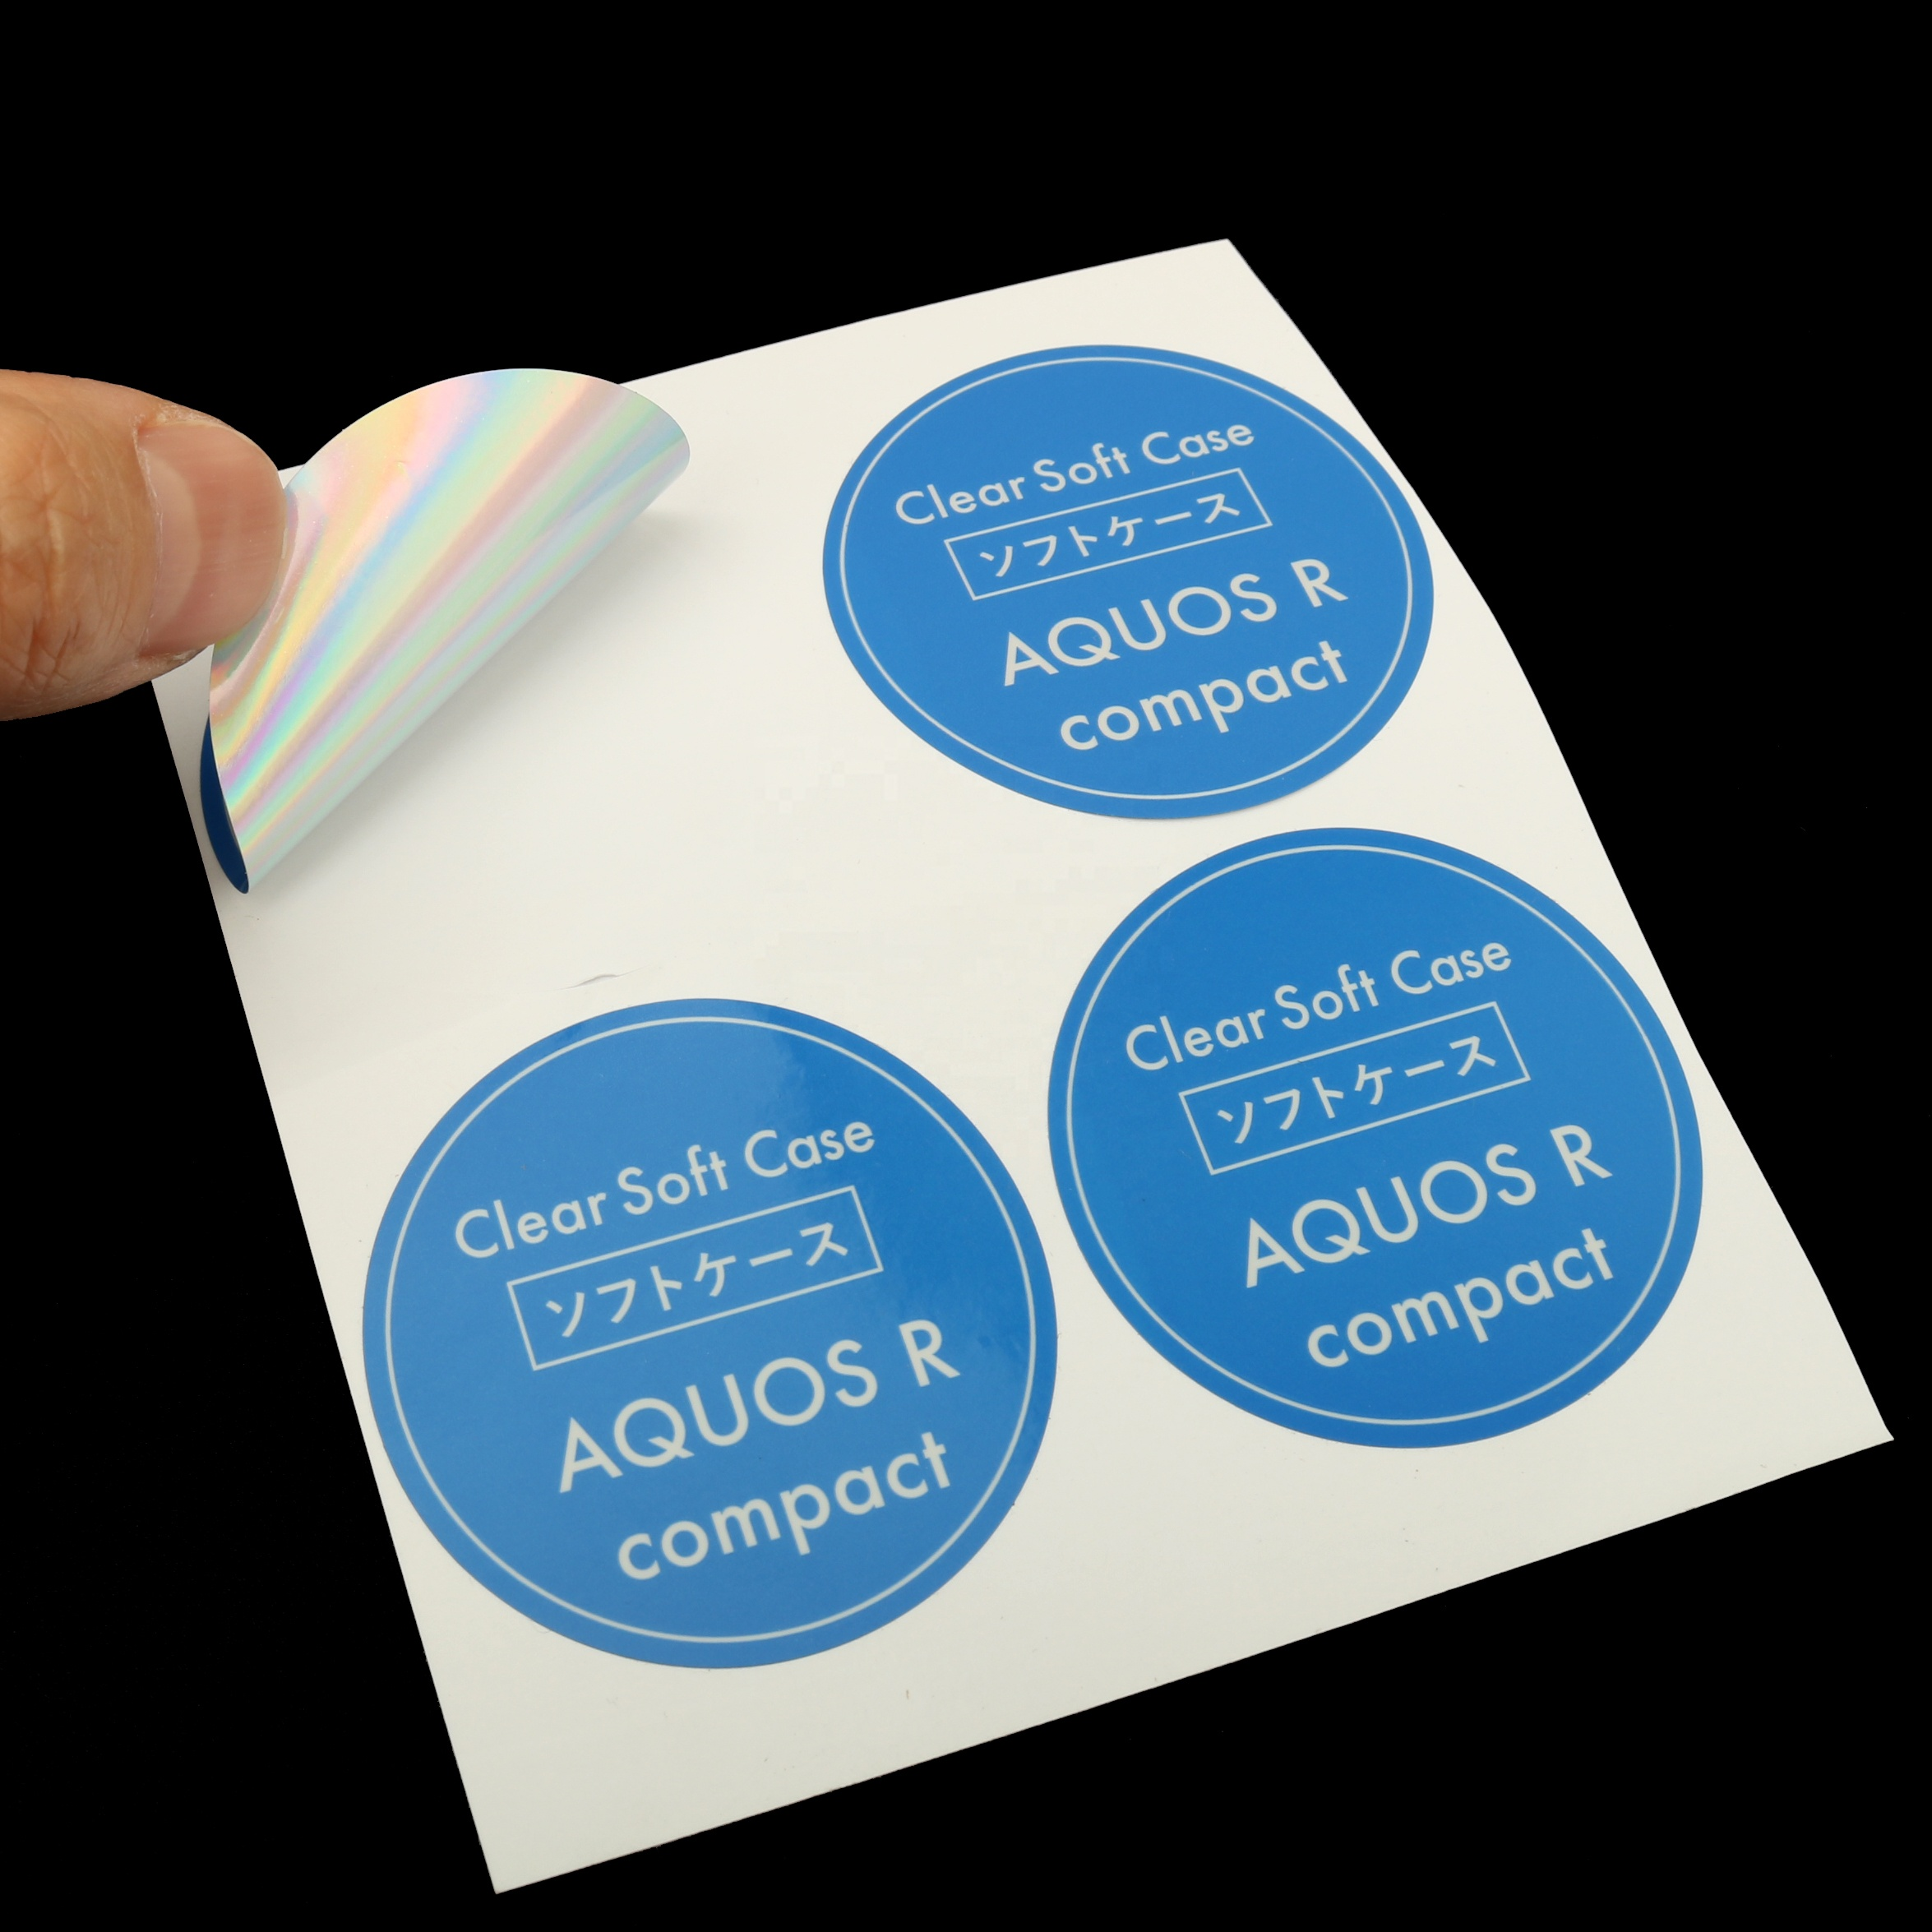 Custom silk screen printed logo adhesive paper vinyl die cut glossy shinny peel off round package stickers labels